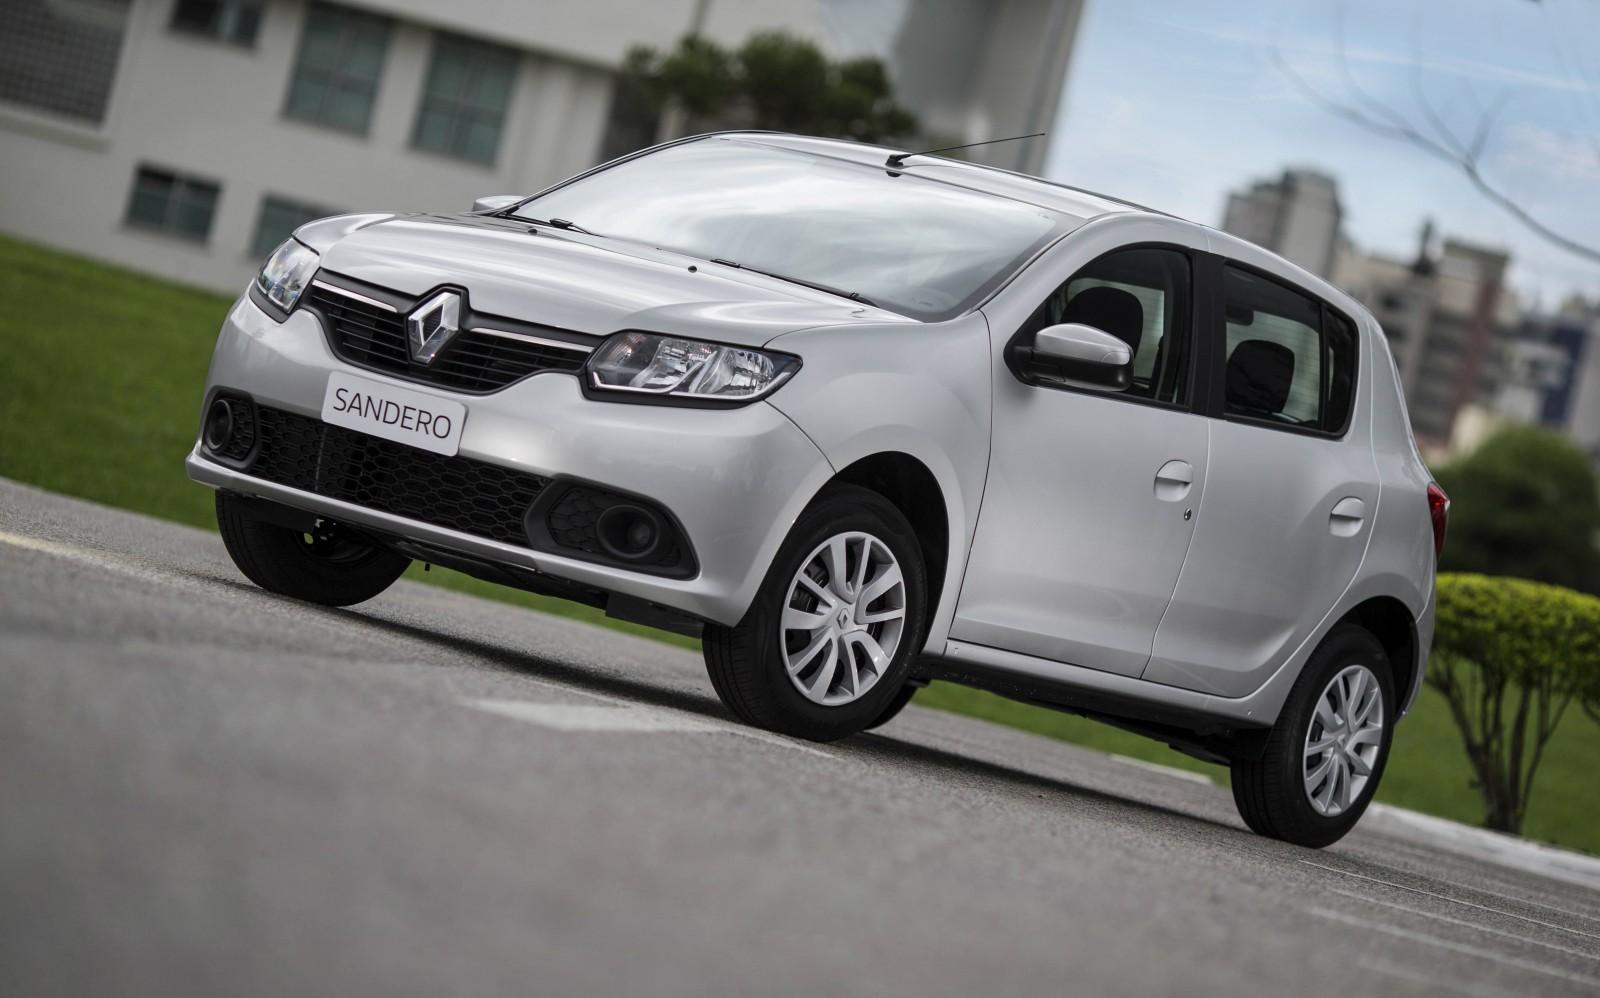 34282b9b3cb96 Vendas diretas  os 20 carros mais vendidos no 1º semestre - Motor Show